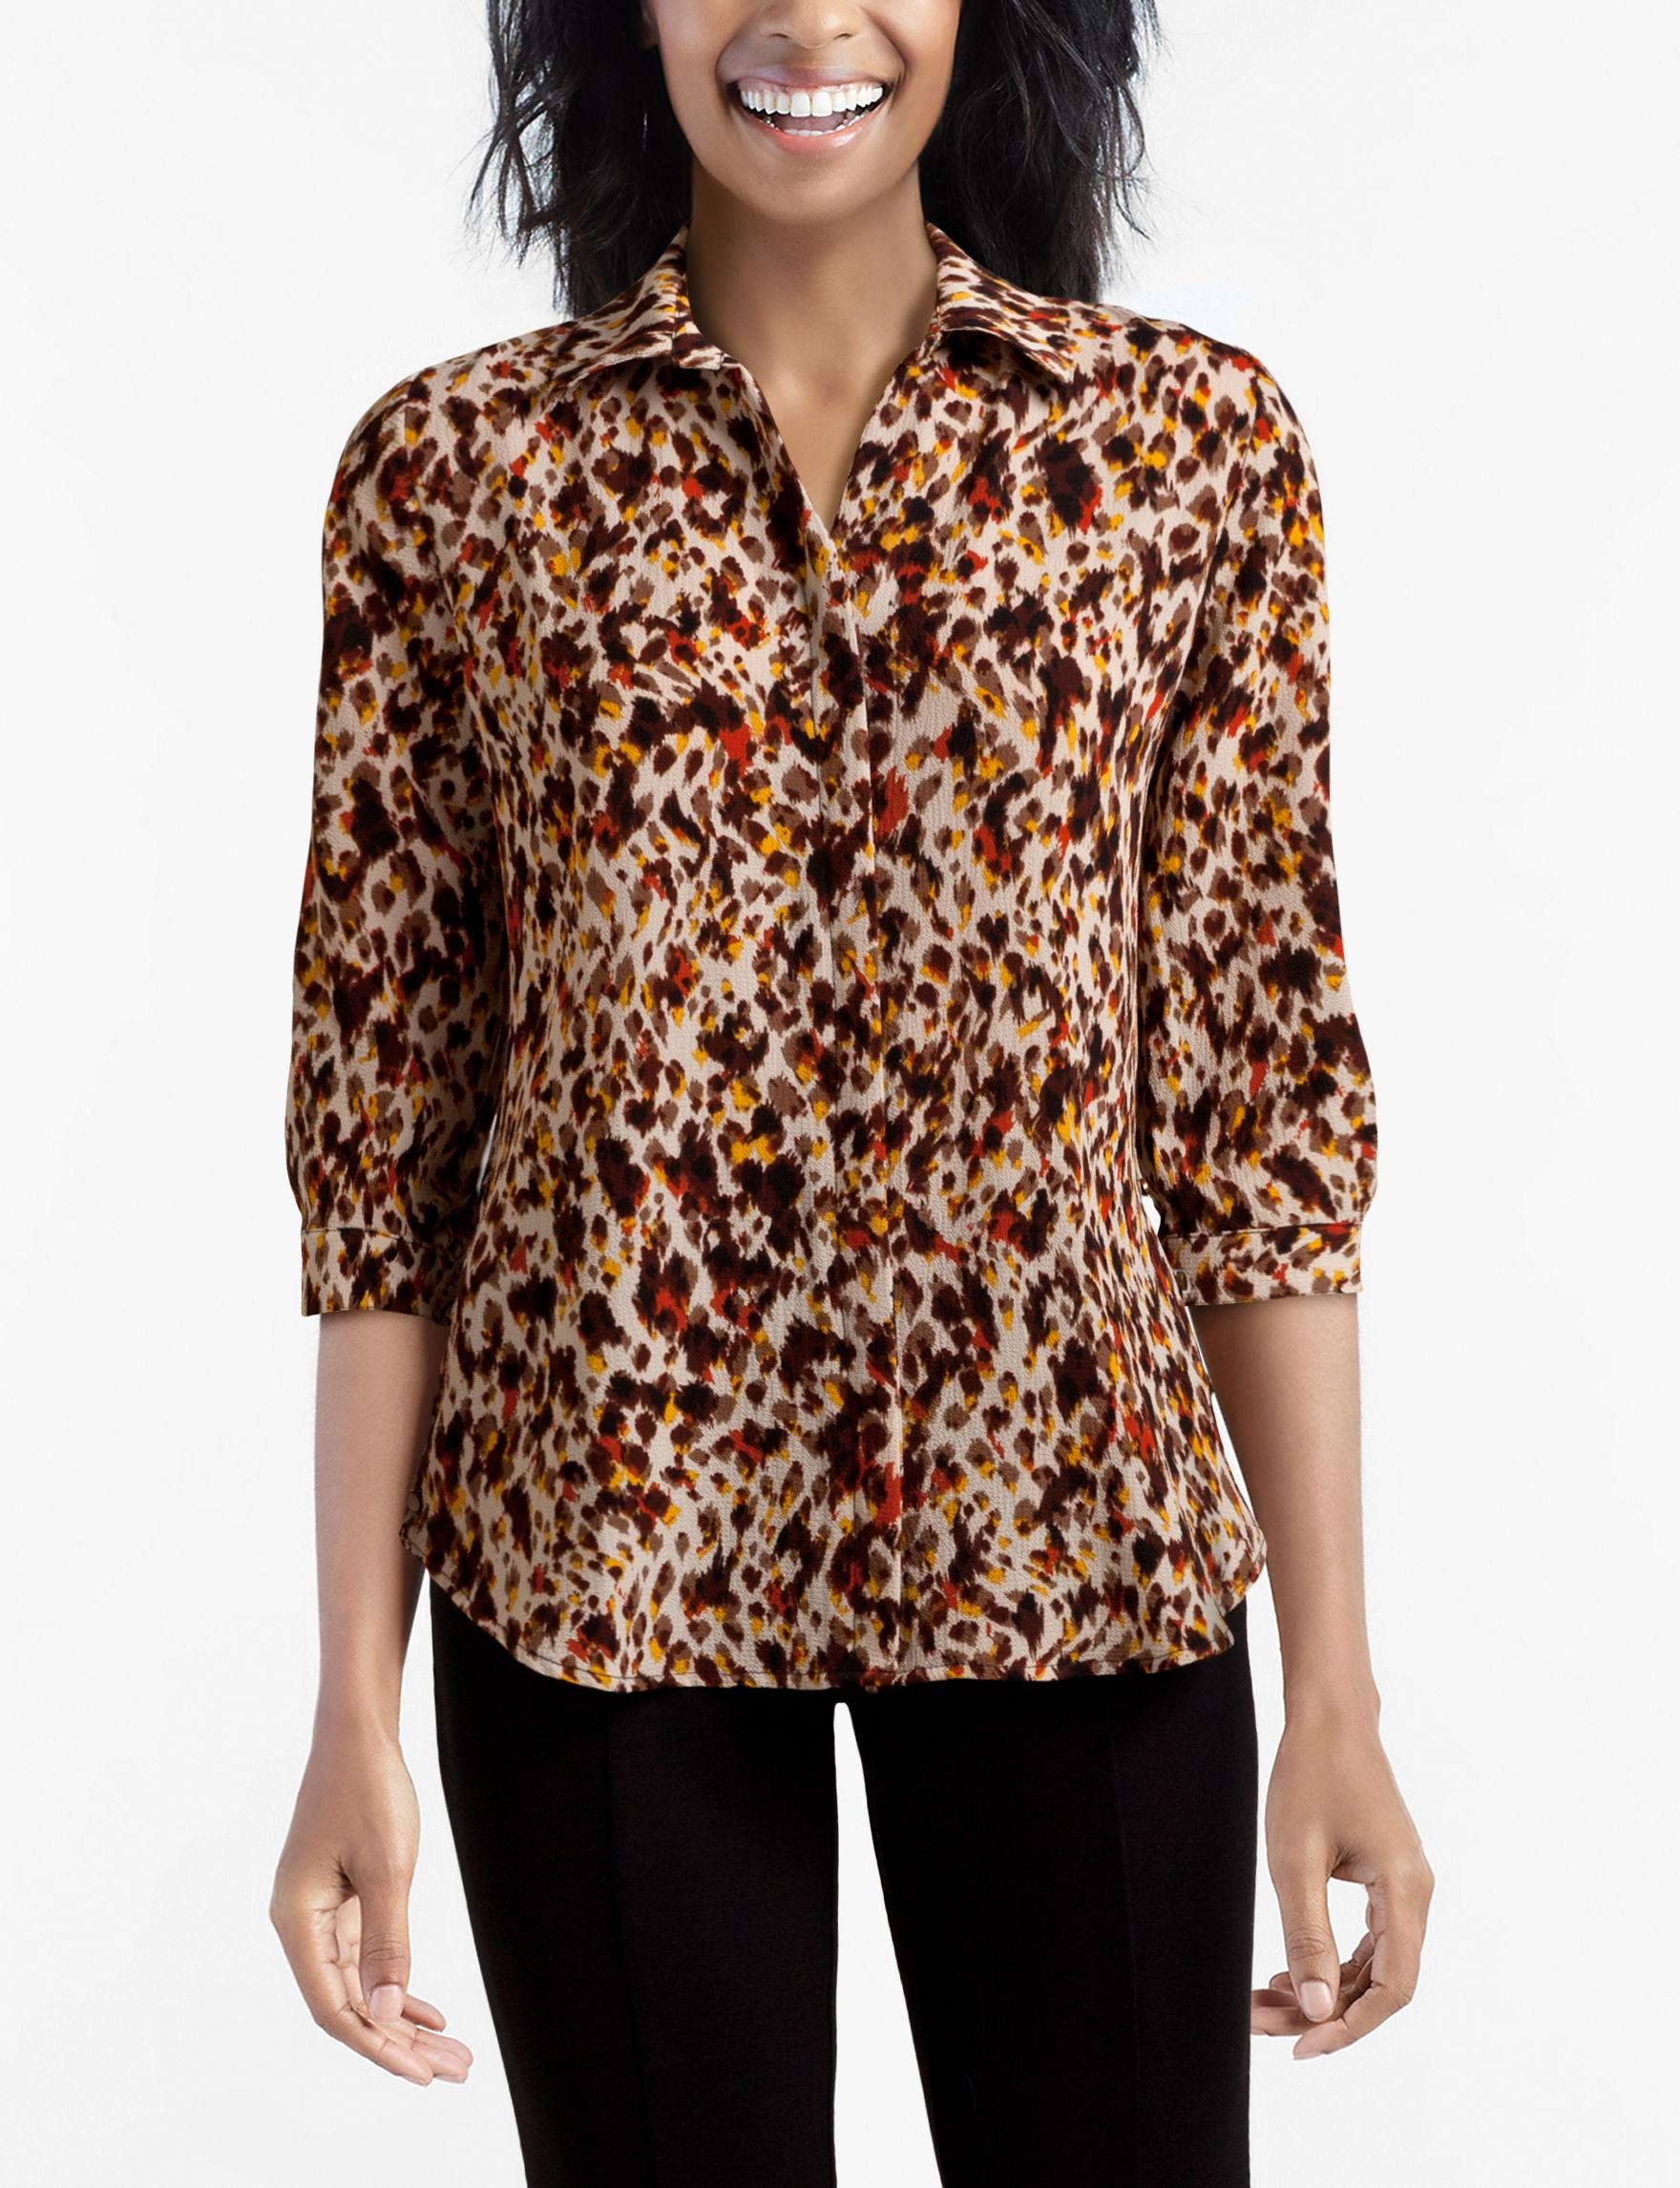 Valerie Stevens Beige / Multi Shirts & Blouses